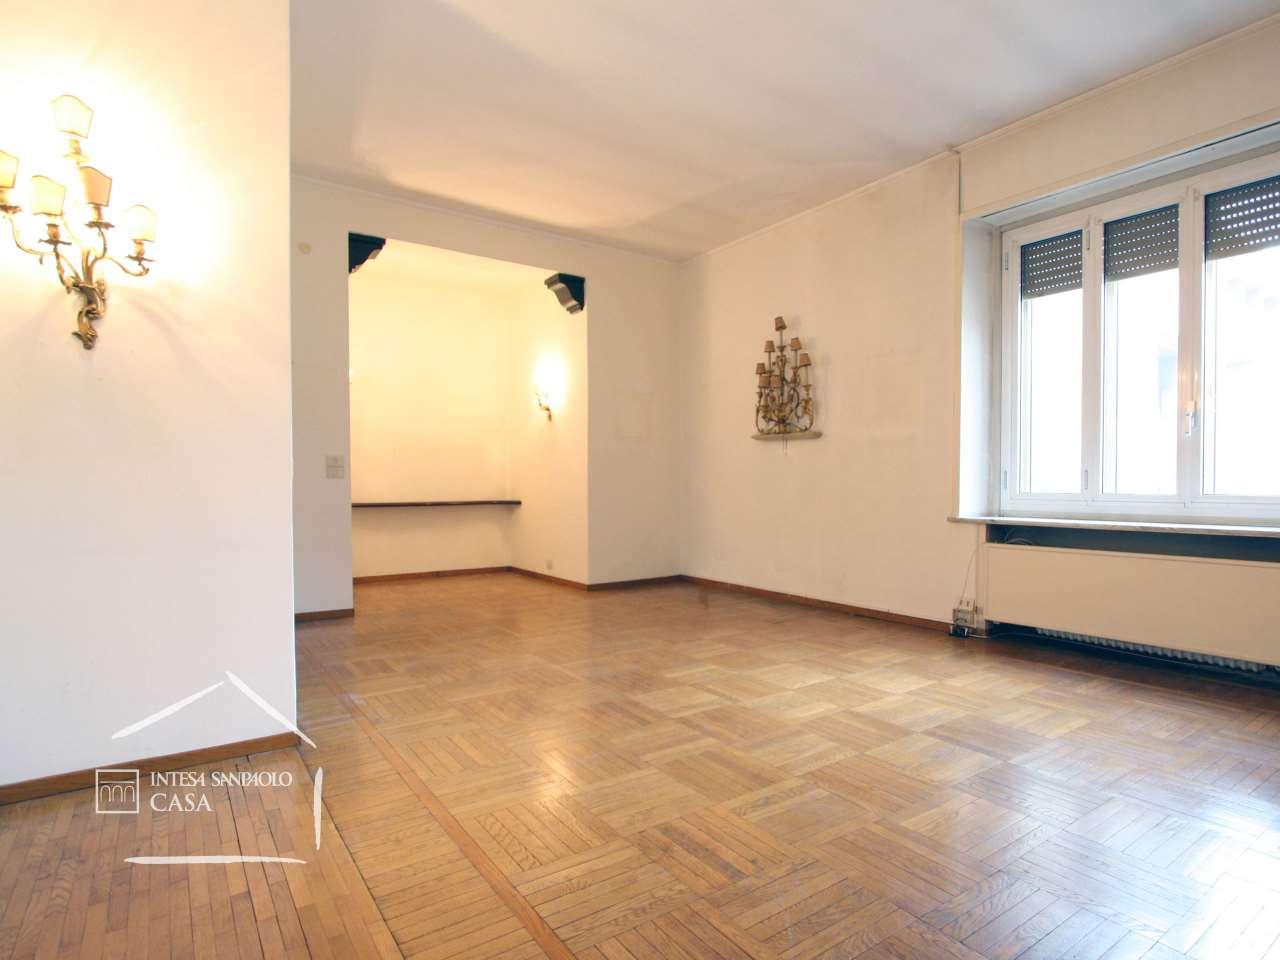 Appartamento in Vendita a Como piazza pietro amato perretta